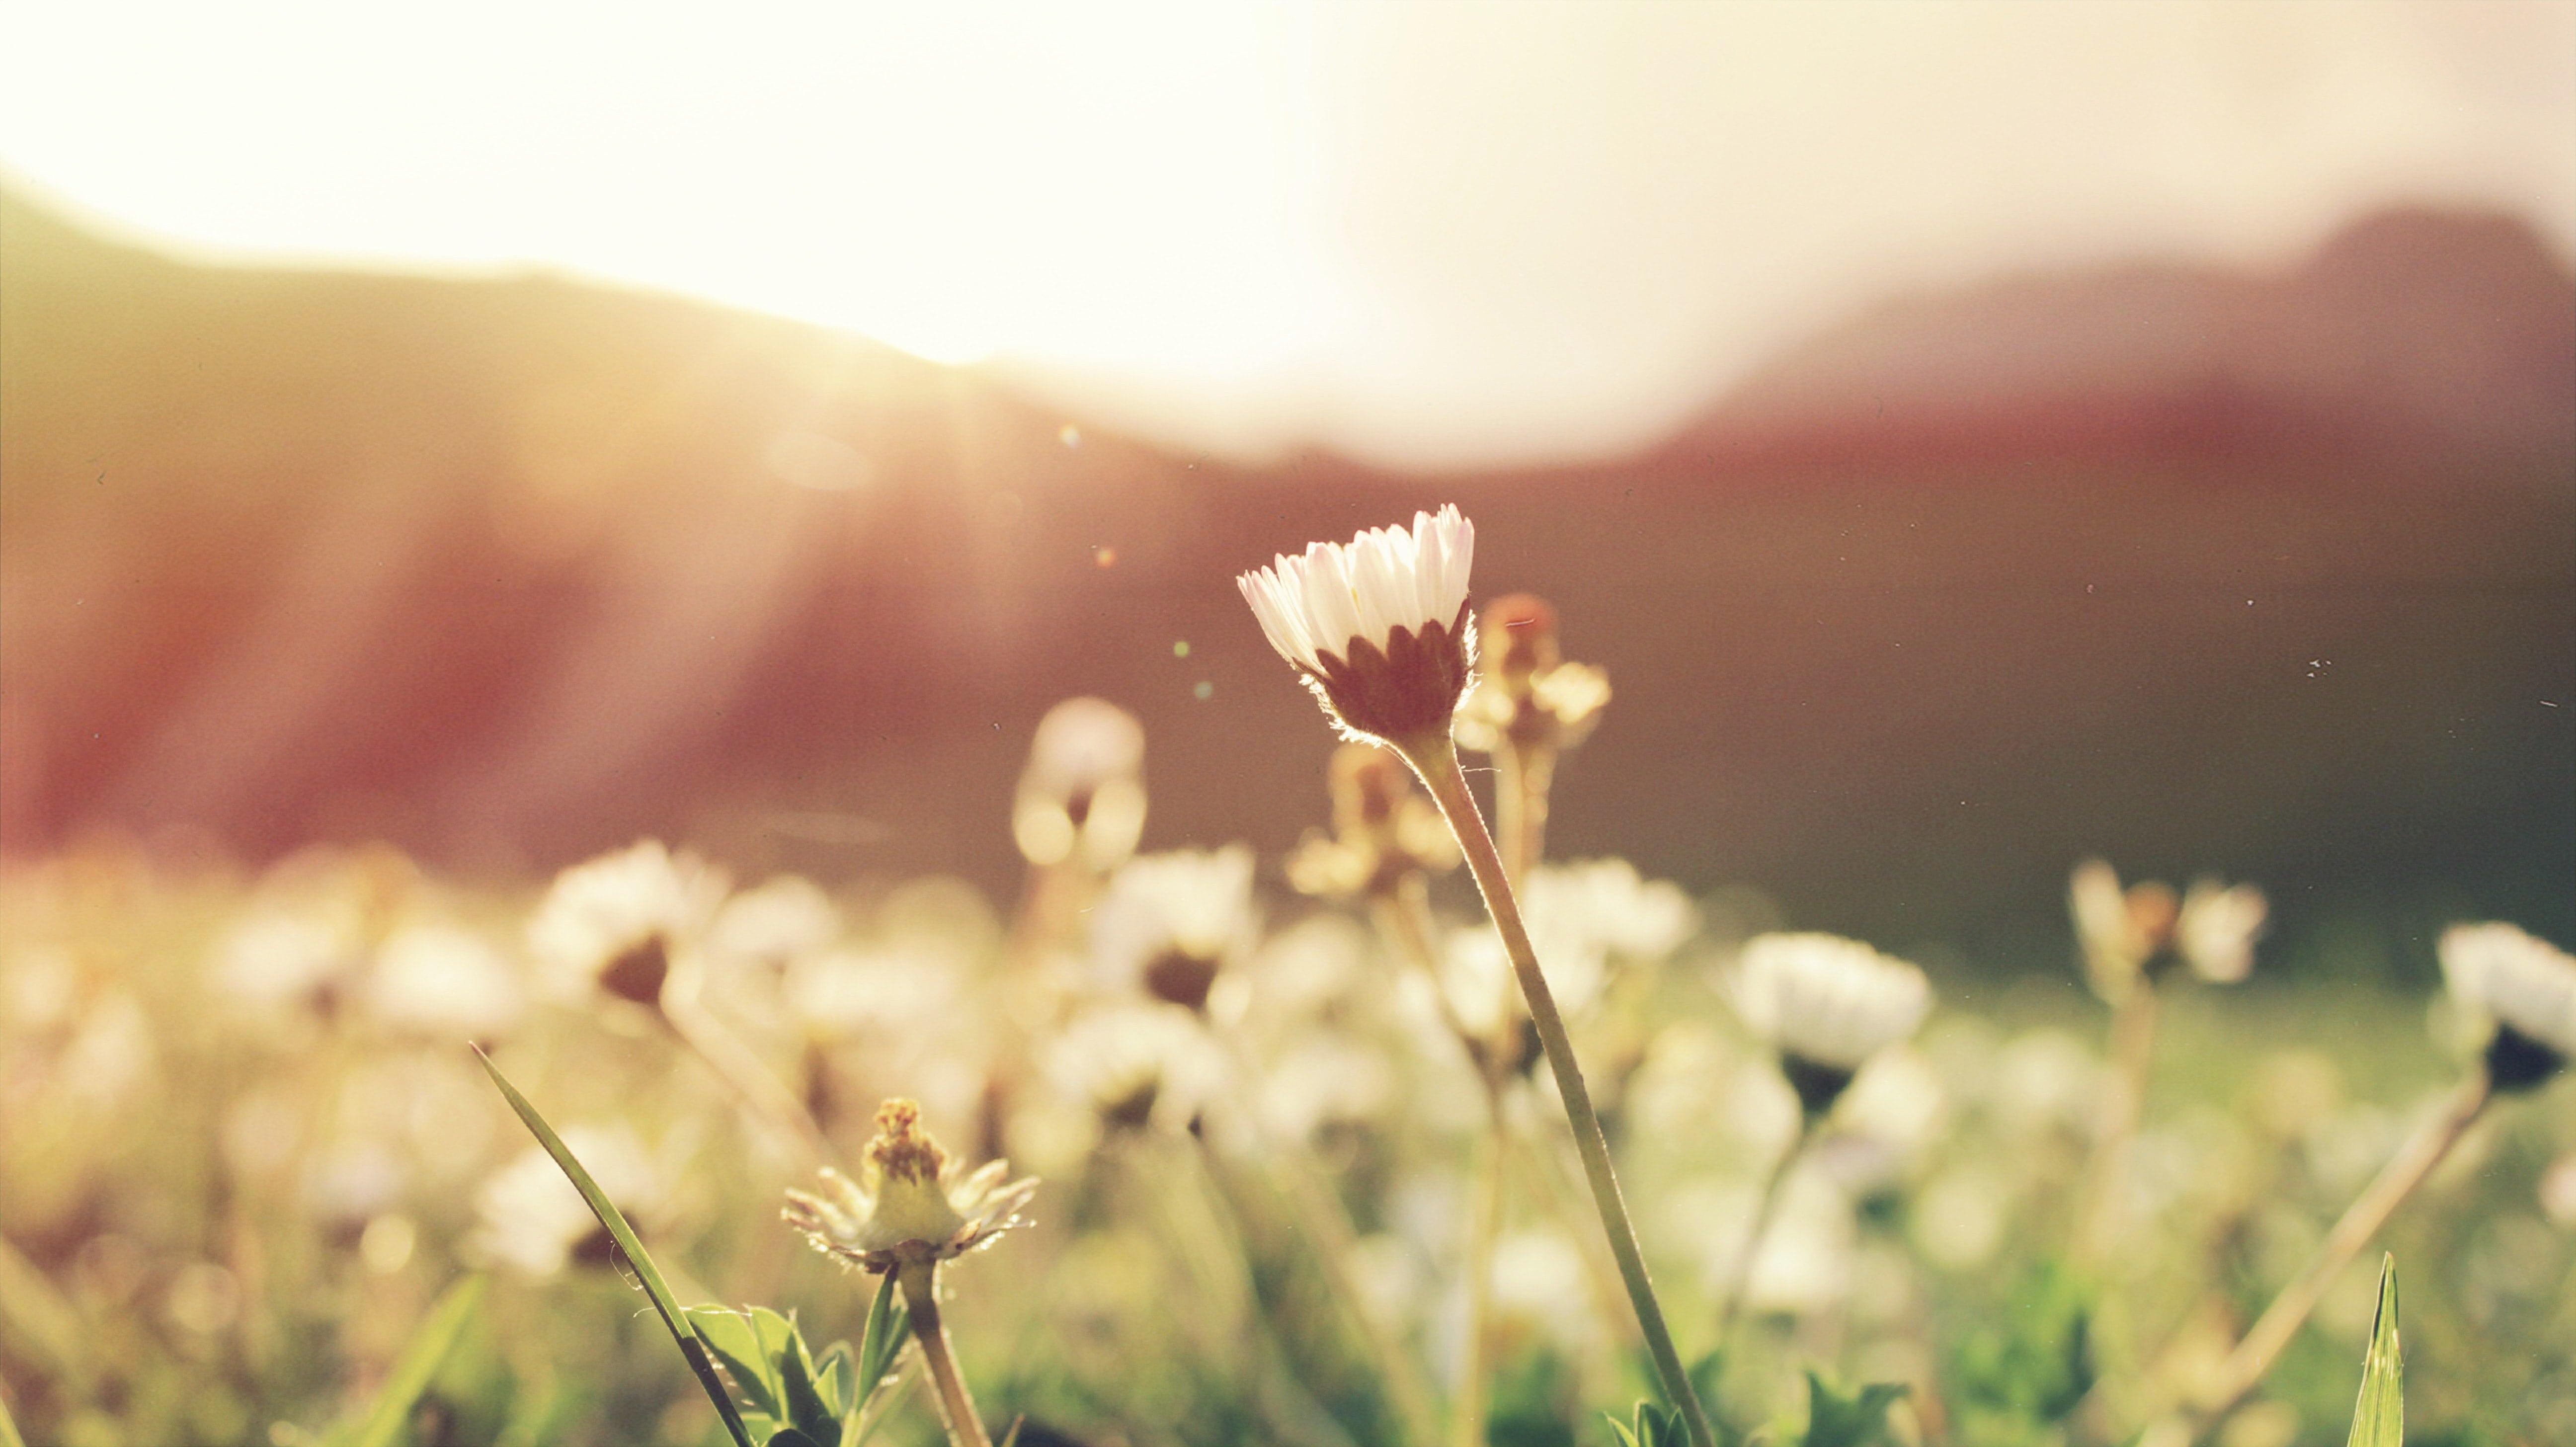 Meditation: Liebe verwandelt alles